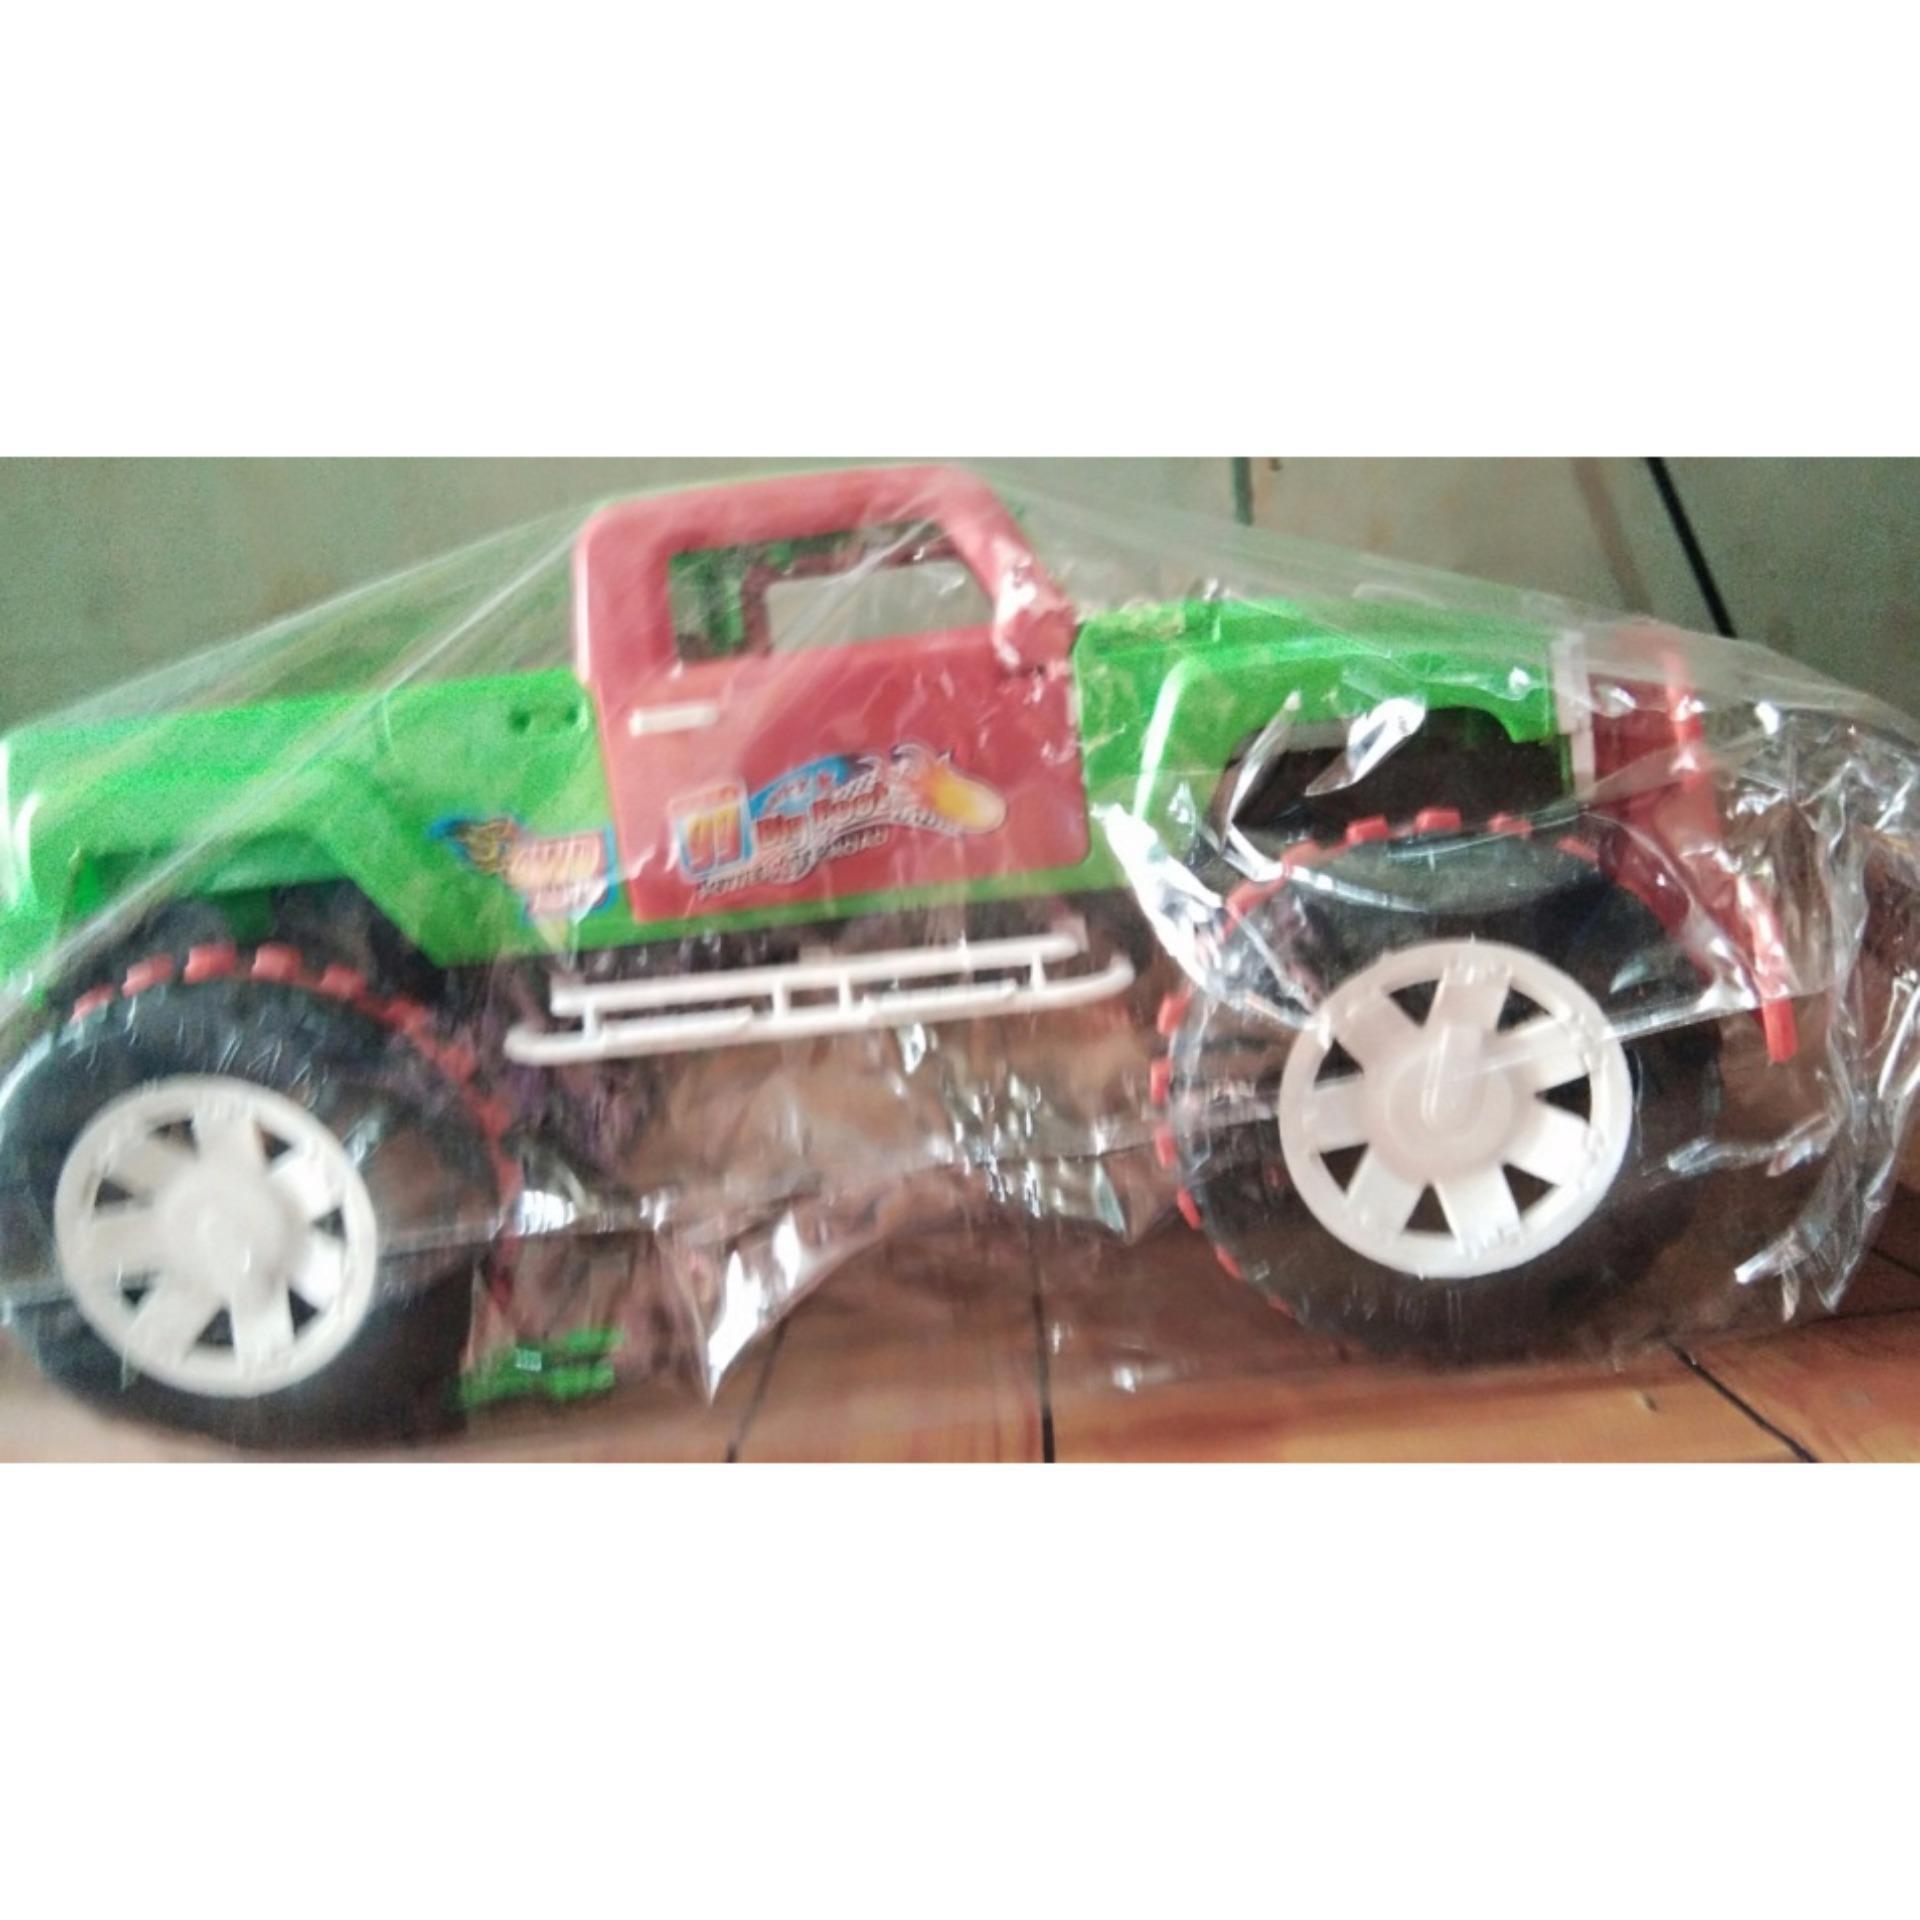 Korek Besi Motif Mobil Jeep3 Harga Terkini Dan Terlengkap Heng Xiang Rc Rock Crawler Jeep 4wd 24g Skala 1 12 Merah Besar